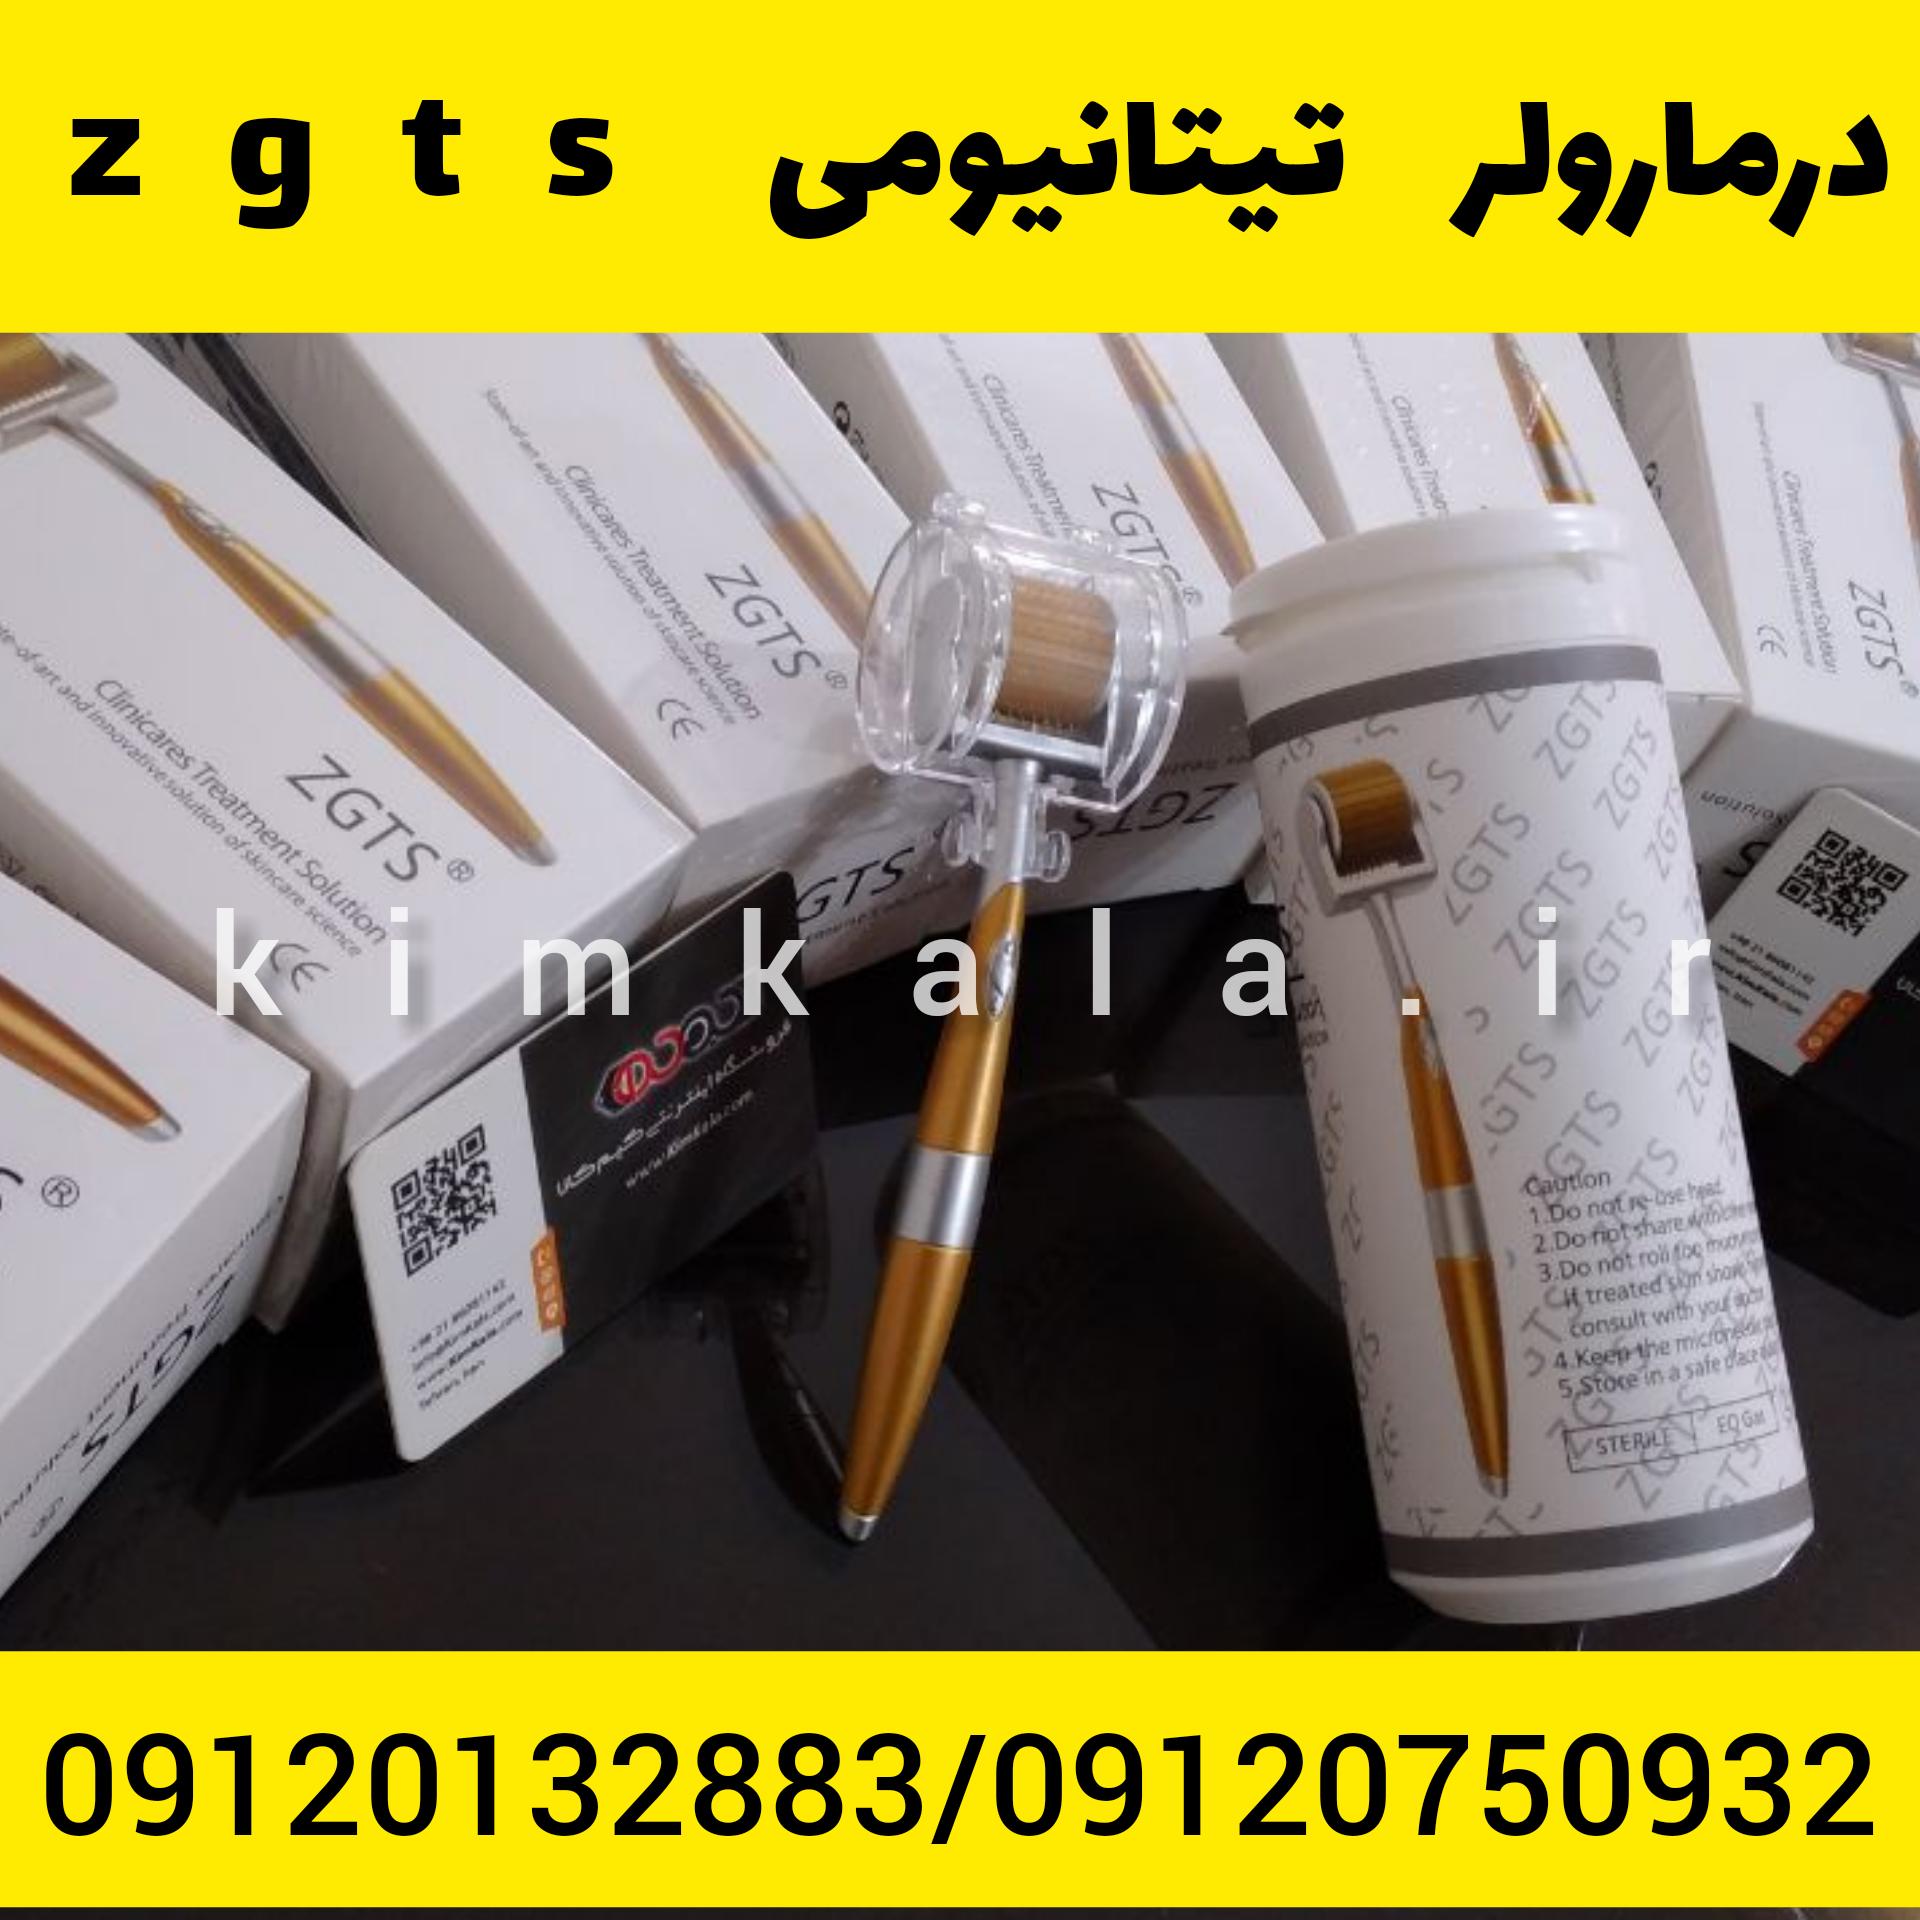 قیمت درمارولر تیتانیومی /09120750932 /درمارولر چیست؟